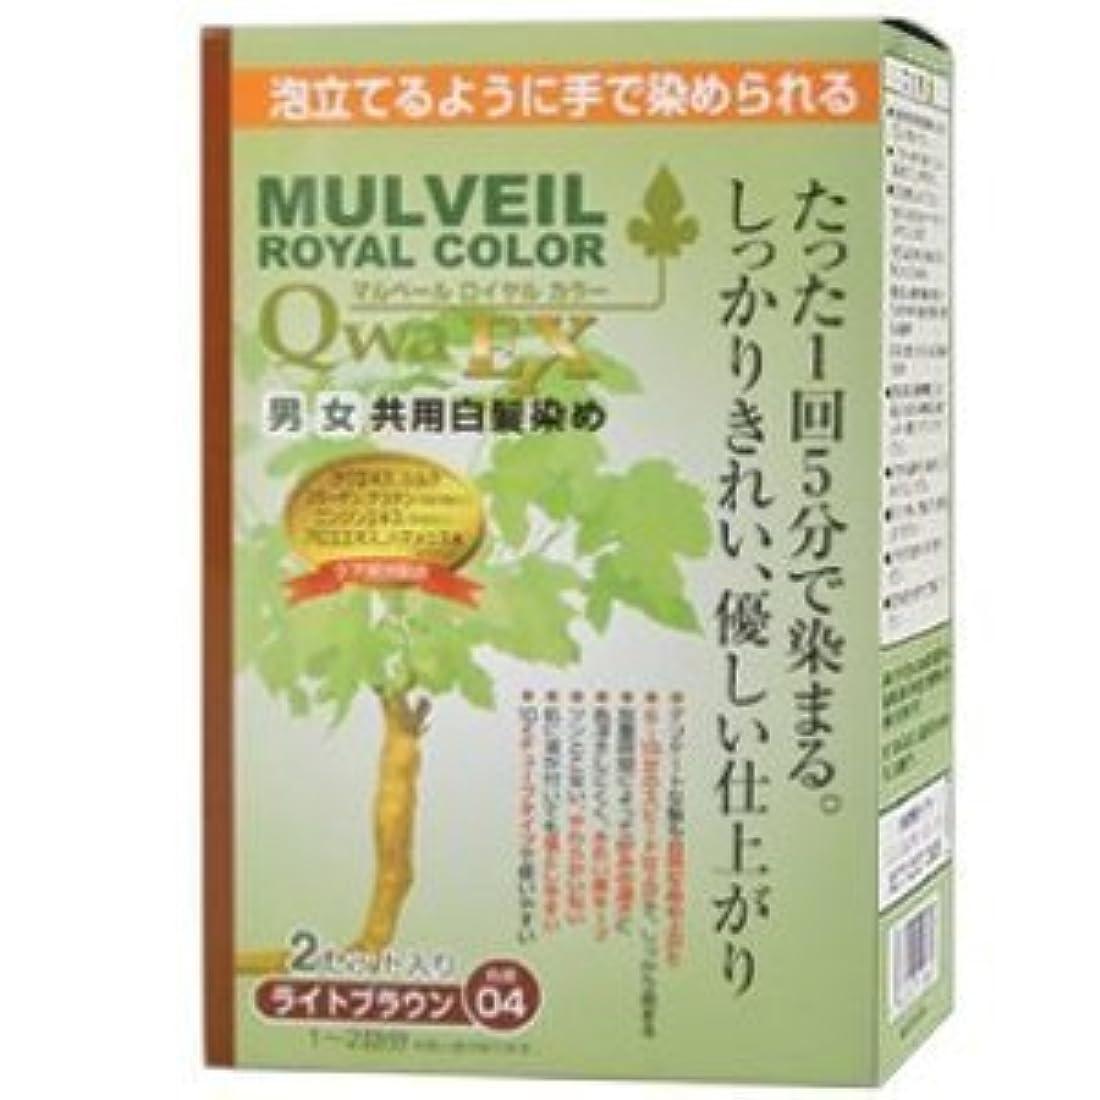 栄養インゲンバッチマルベールロイヤルカラーEX4セット ライトブラウン